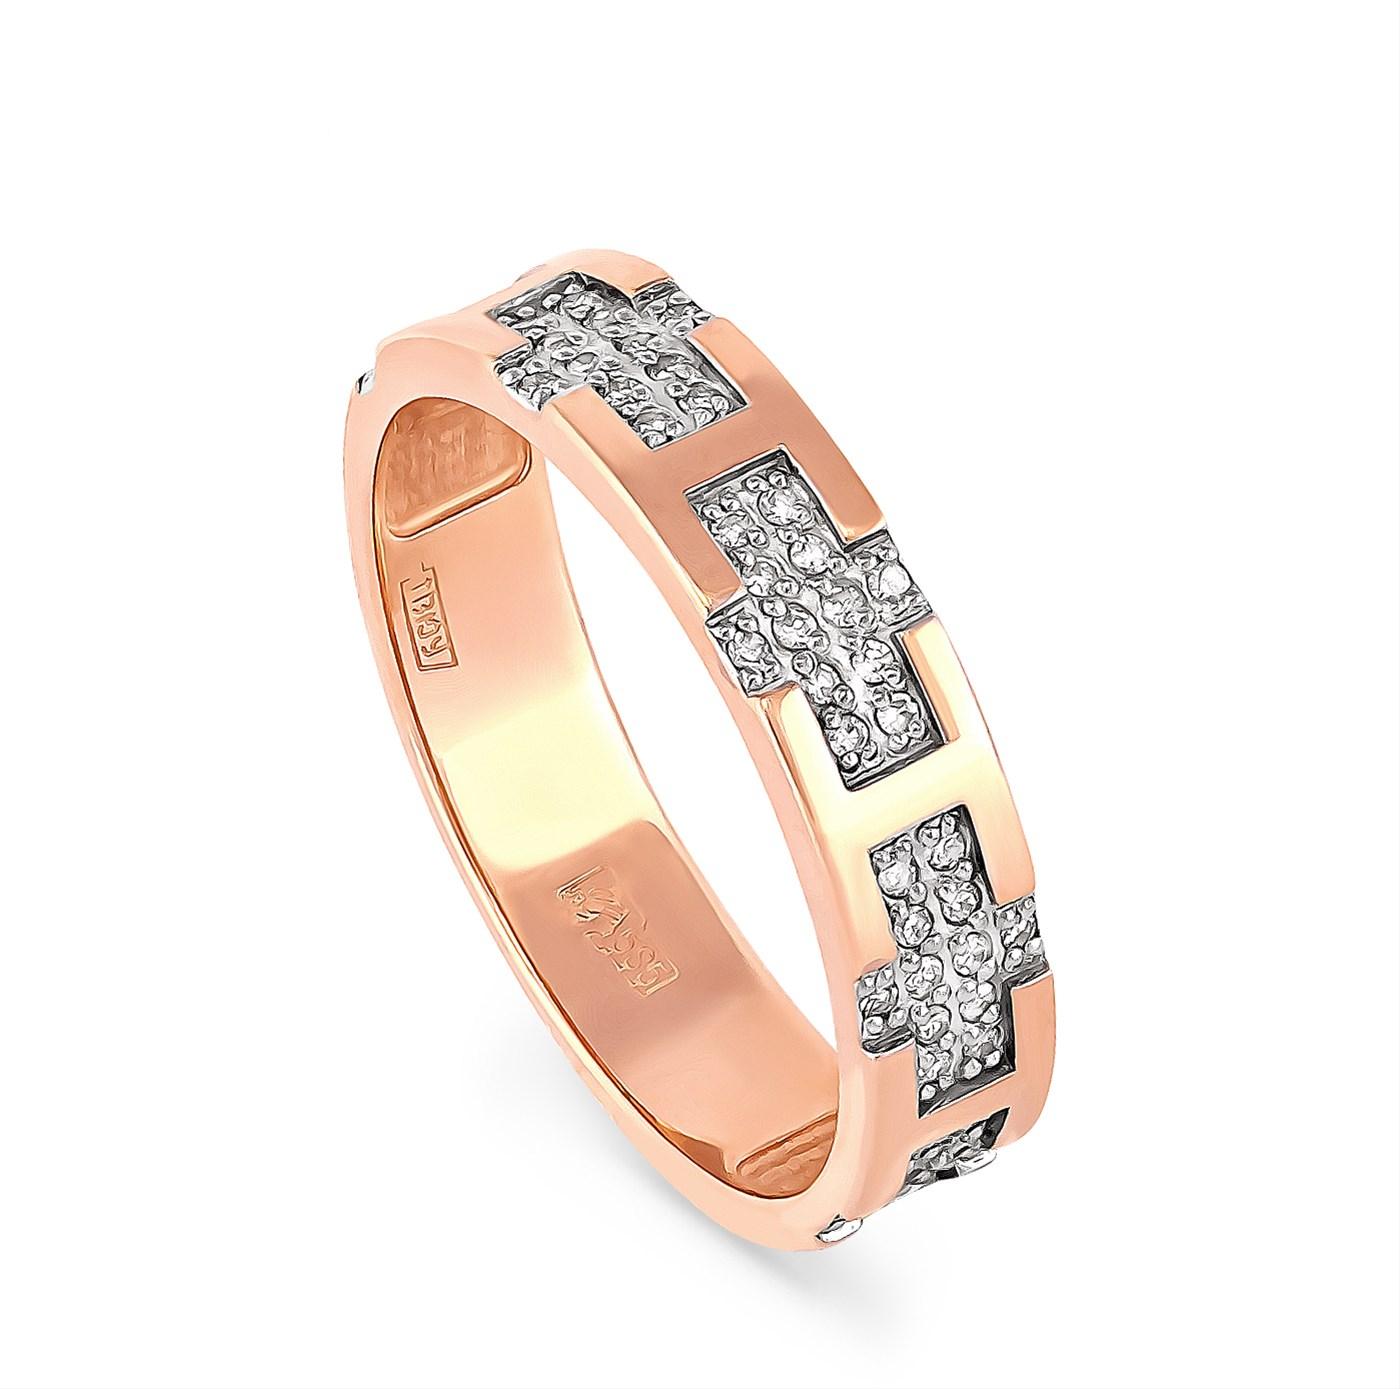 Обручальное кольцо из золота с бриллиантом арт. 1-0432-1000 1-0432-1000